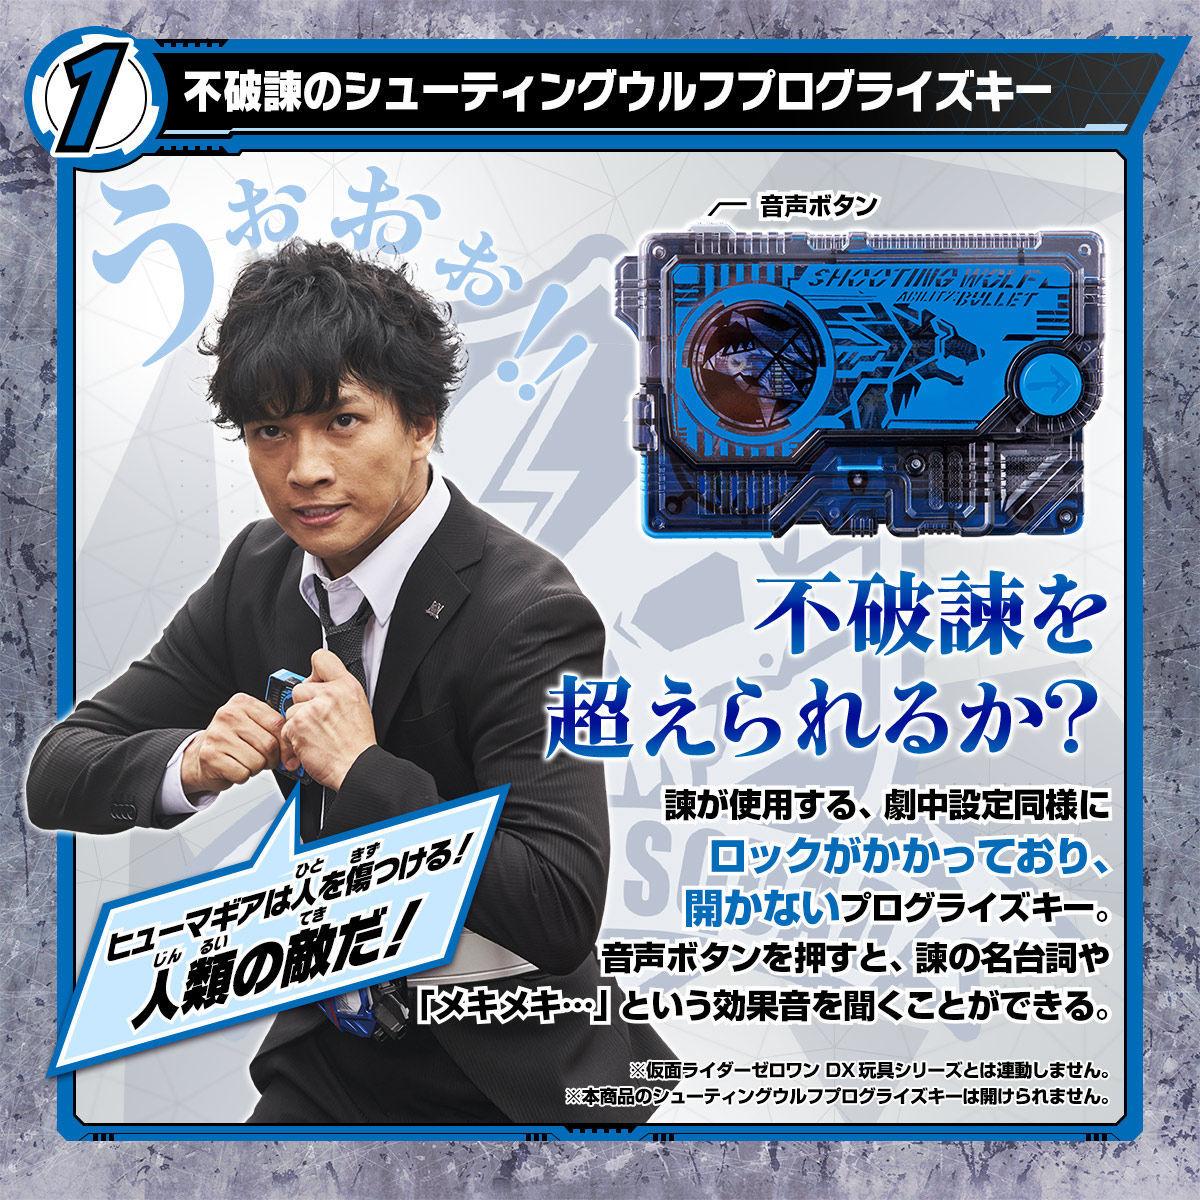 【限定販売】仮面ライダーゼロワン『DXエイムズなりきりセット』変身なりきり-004